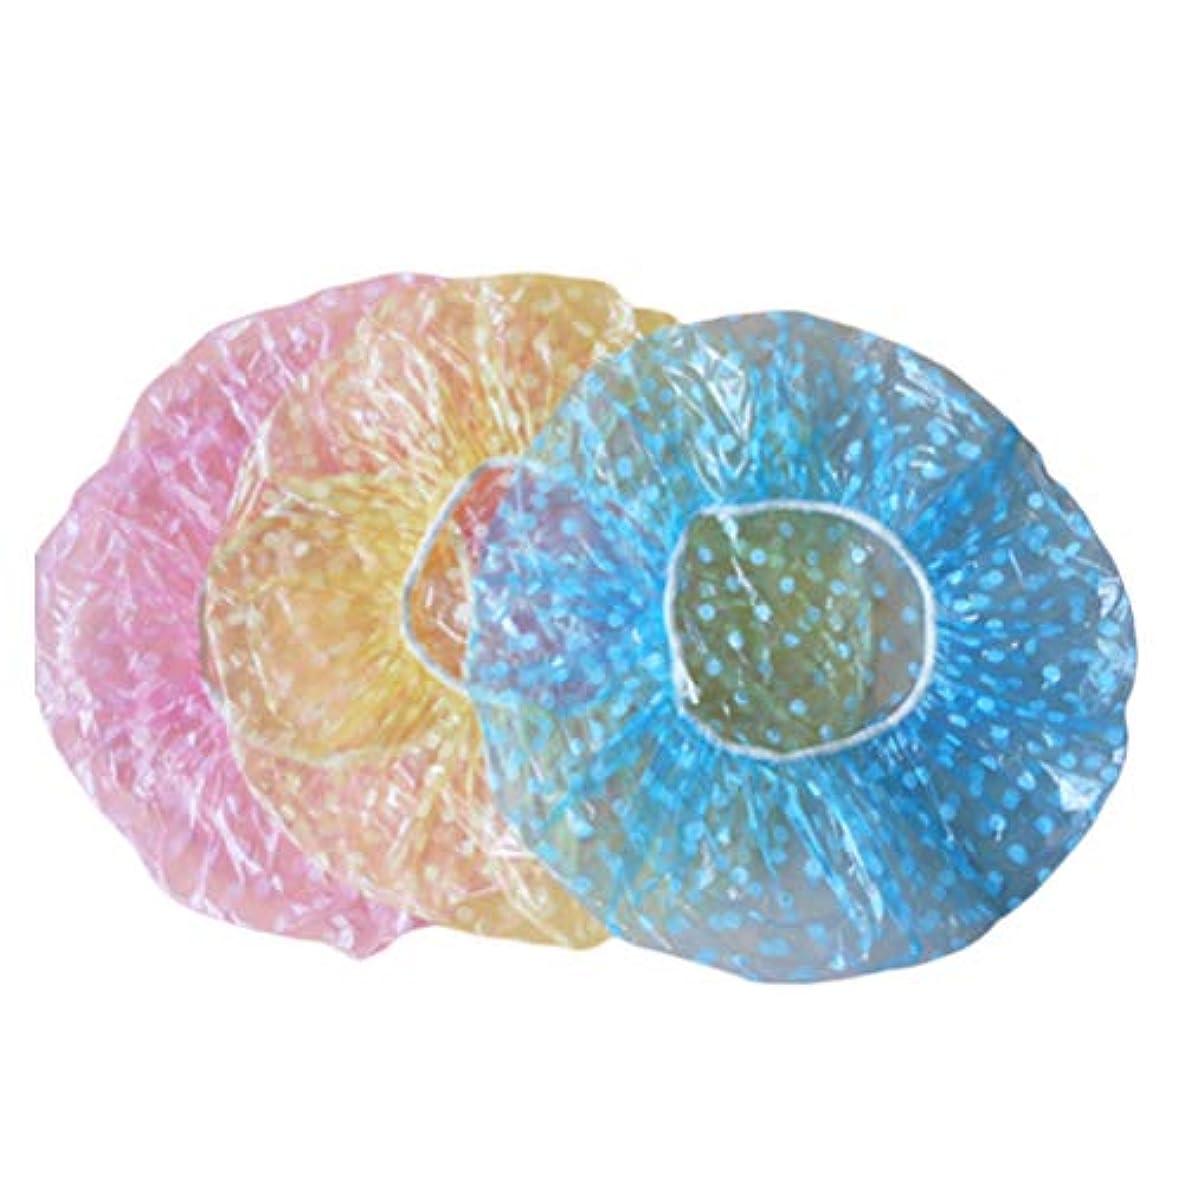 角度積分一致するFrcolor シャワーキャップ お風呂 キャップ レディース 使い捨てキャップ シャワー サロン用 60枚セット(混色)